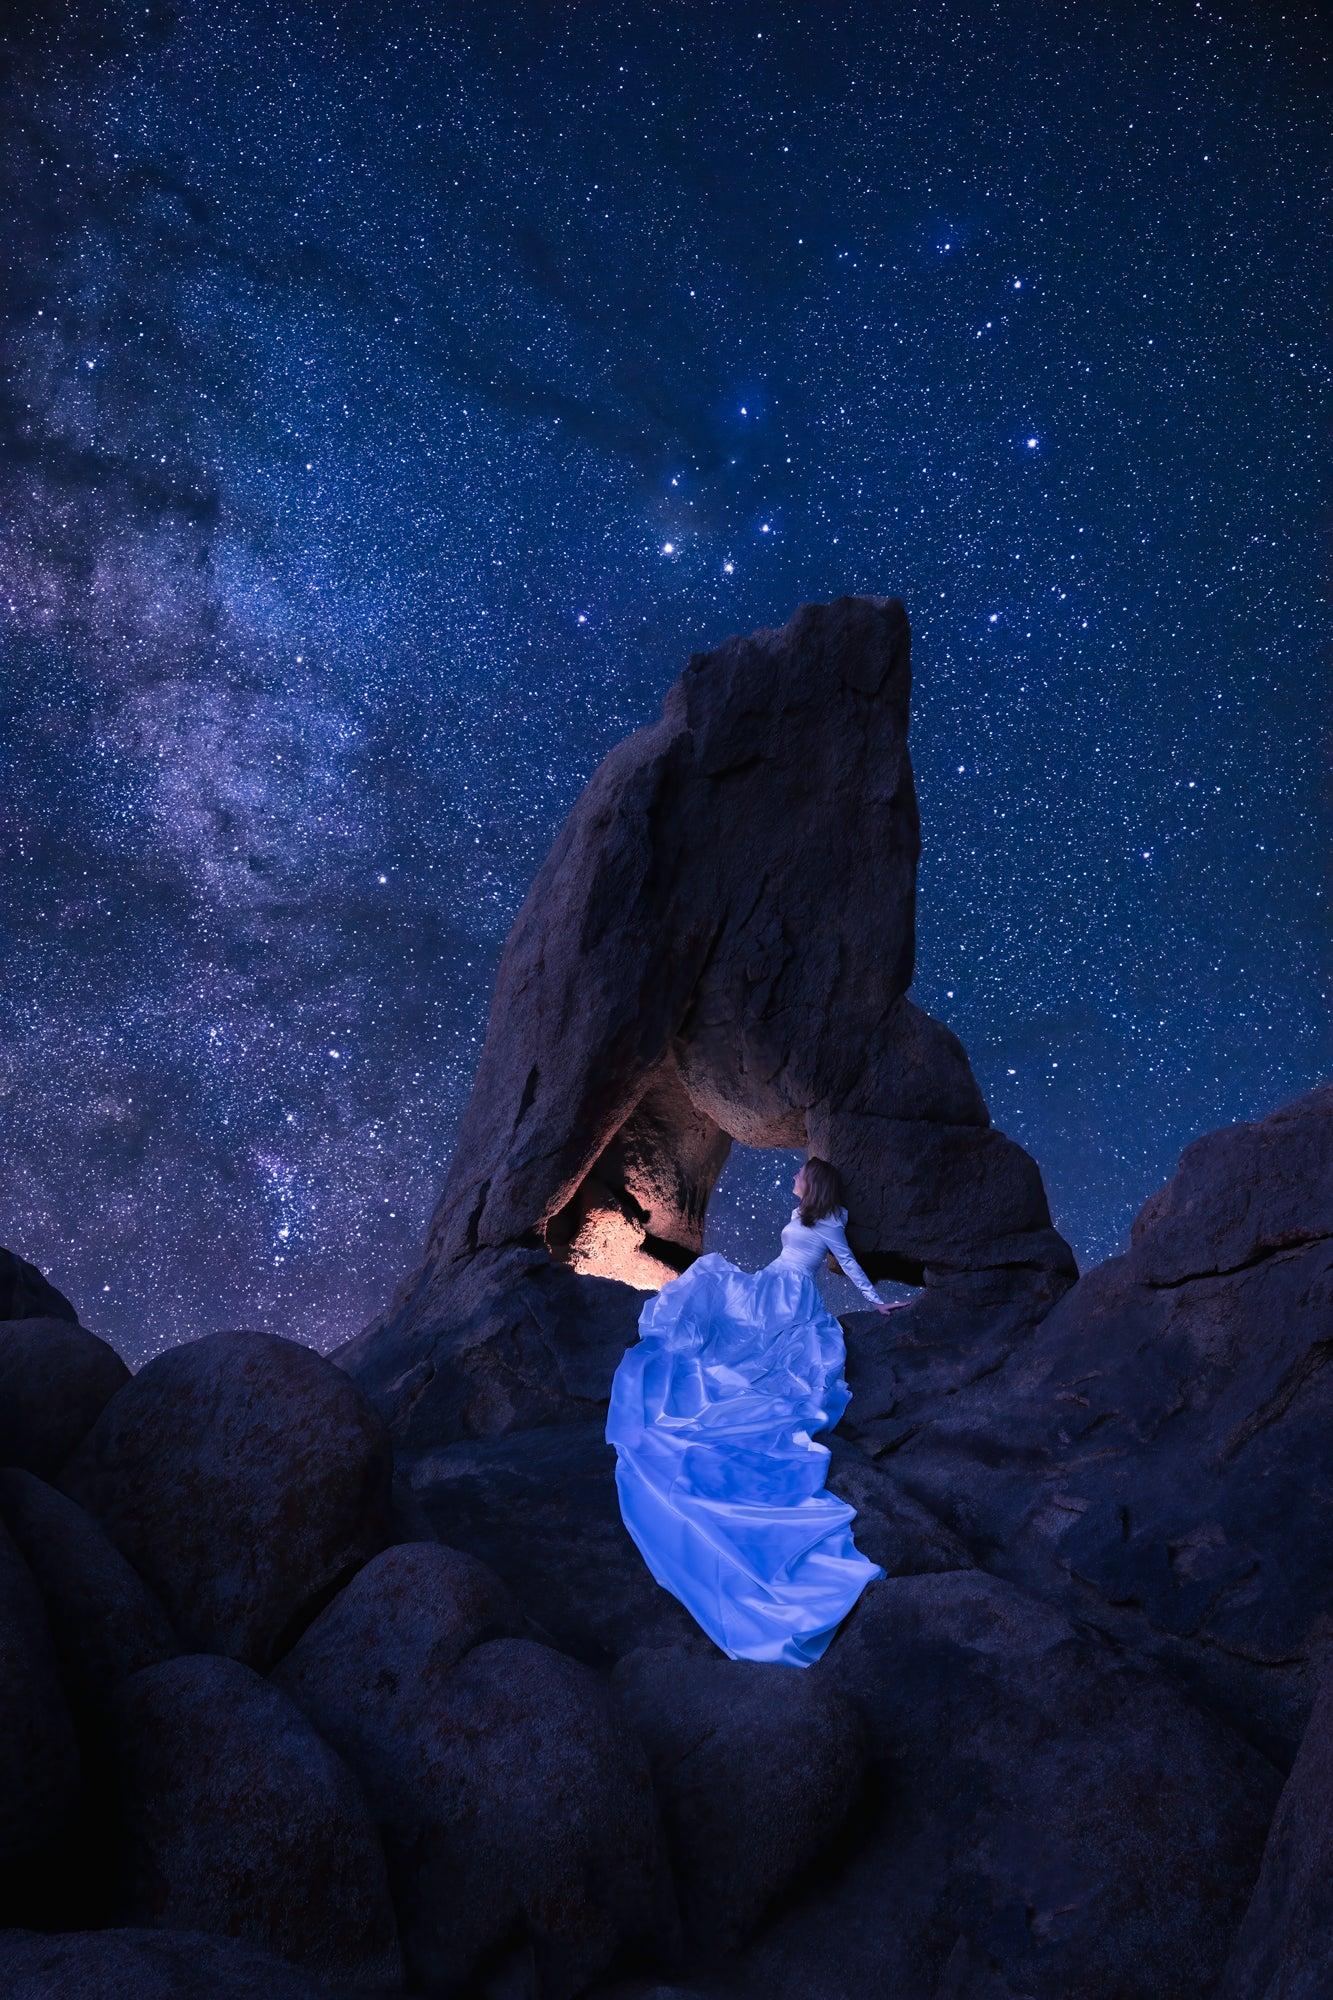 Alpha-Universe-WIMB-Rachel-Ross-stargazer-24-70-sony-a1.jpg